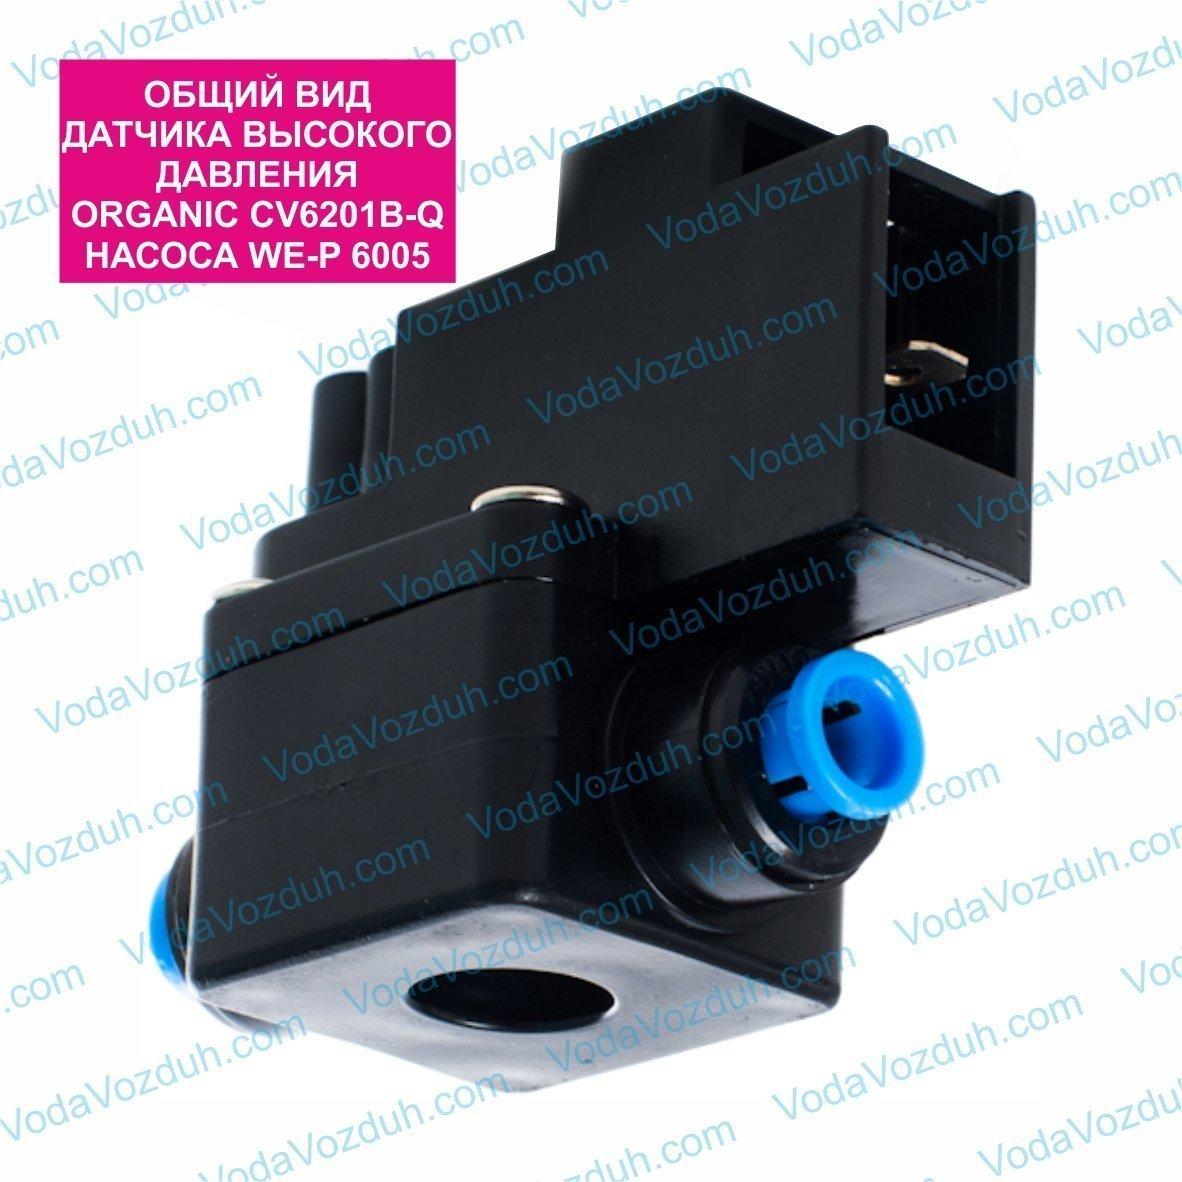 Organic WE-P 6005 датчик высокого давления